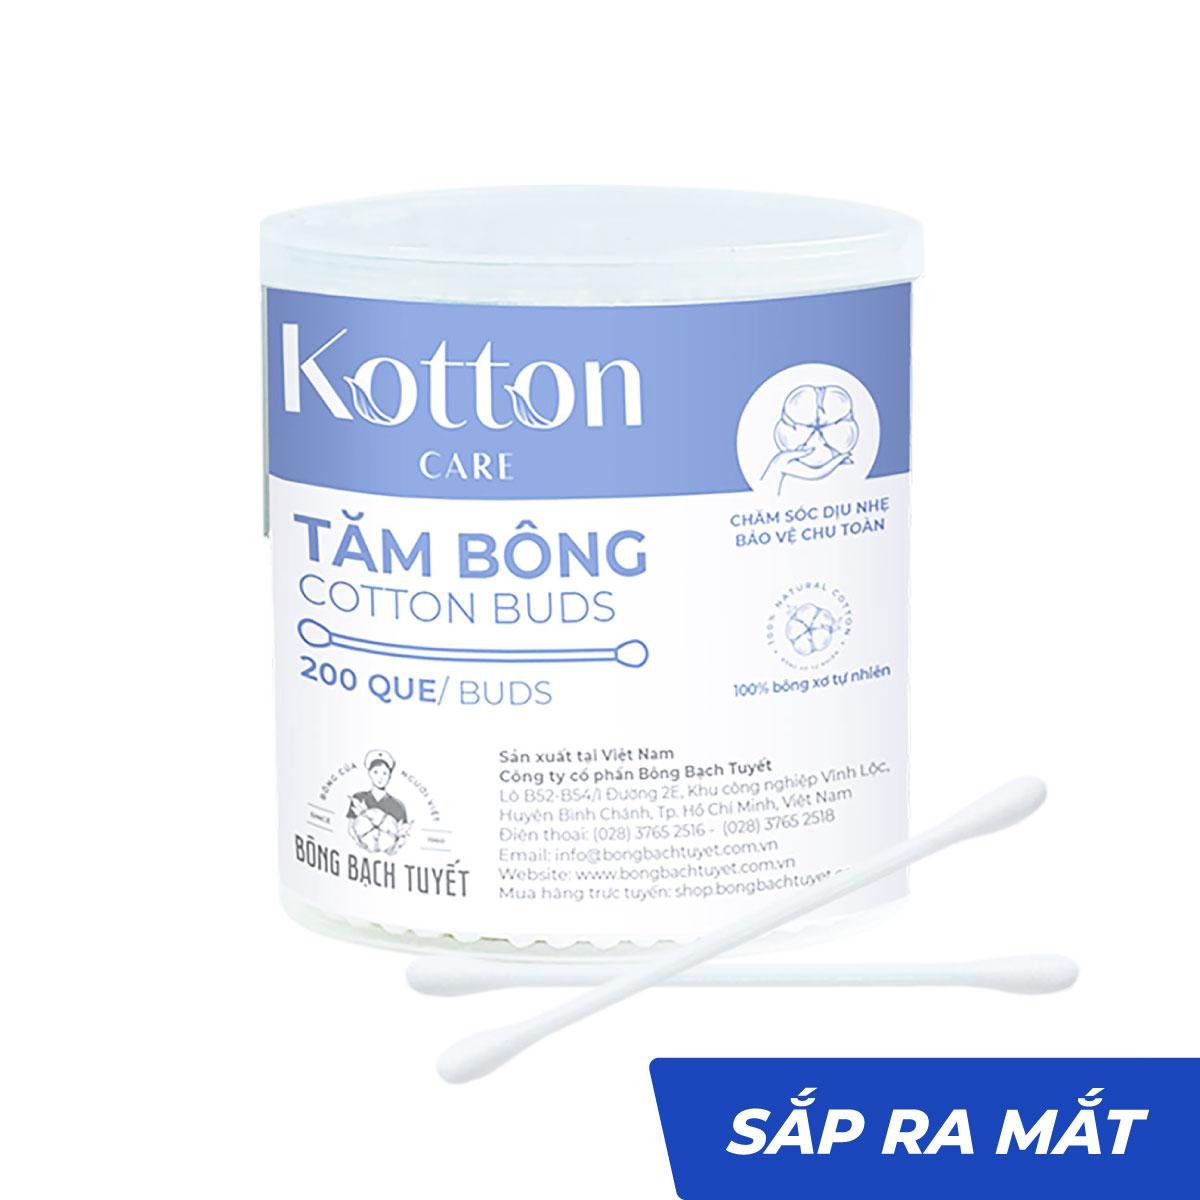 Tăm bông thân nhựa hộp tròn 200 que Kotton Care